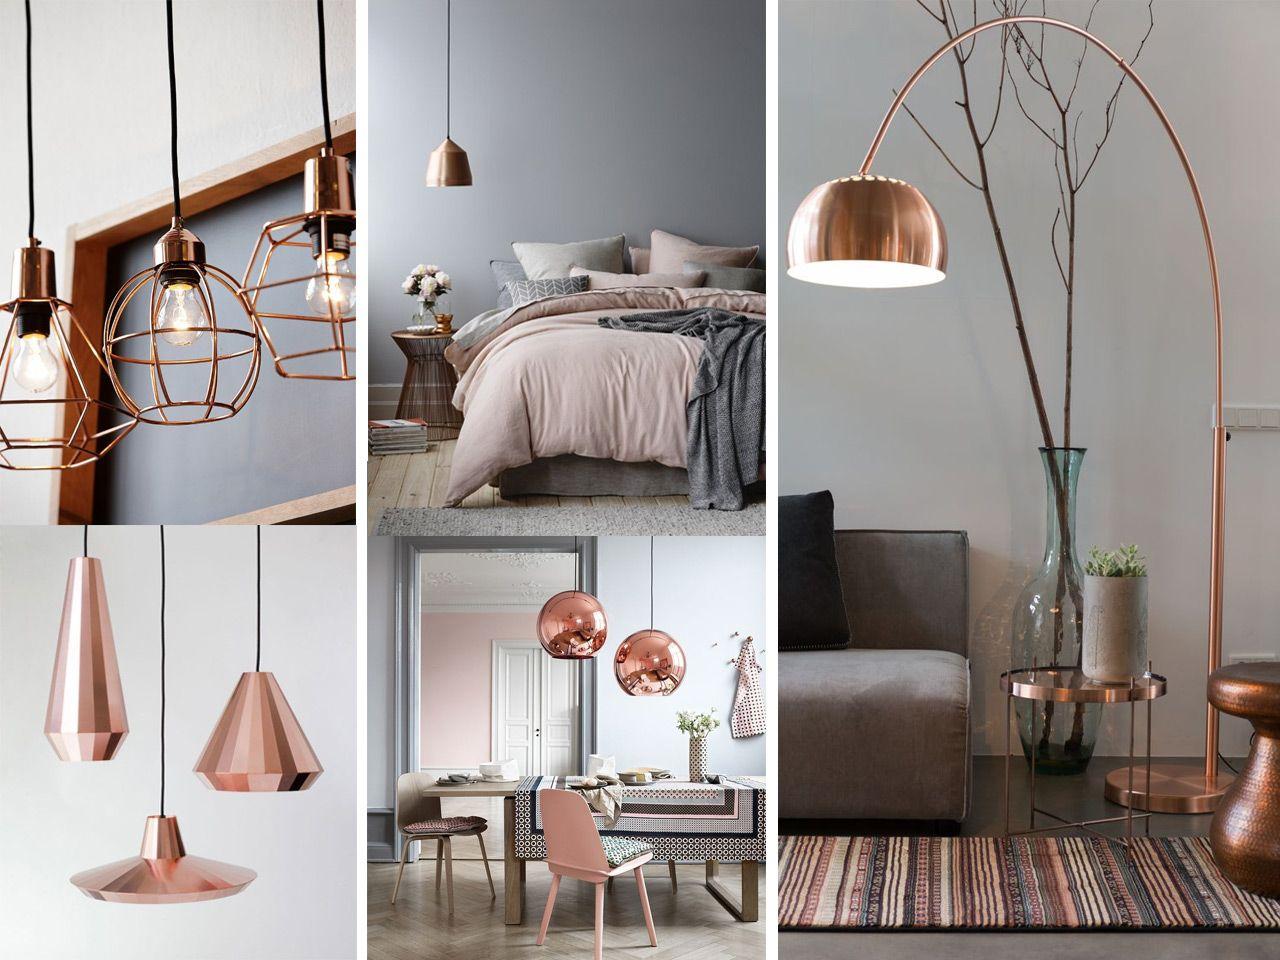 Decoraci n n rdica decoracion decoraci n de unas minimalismo decoracion y estilos de - Lamparas para dormitorios rusticos ...